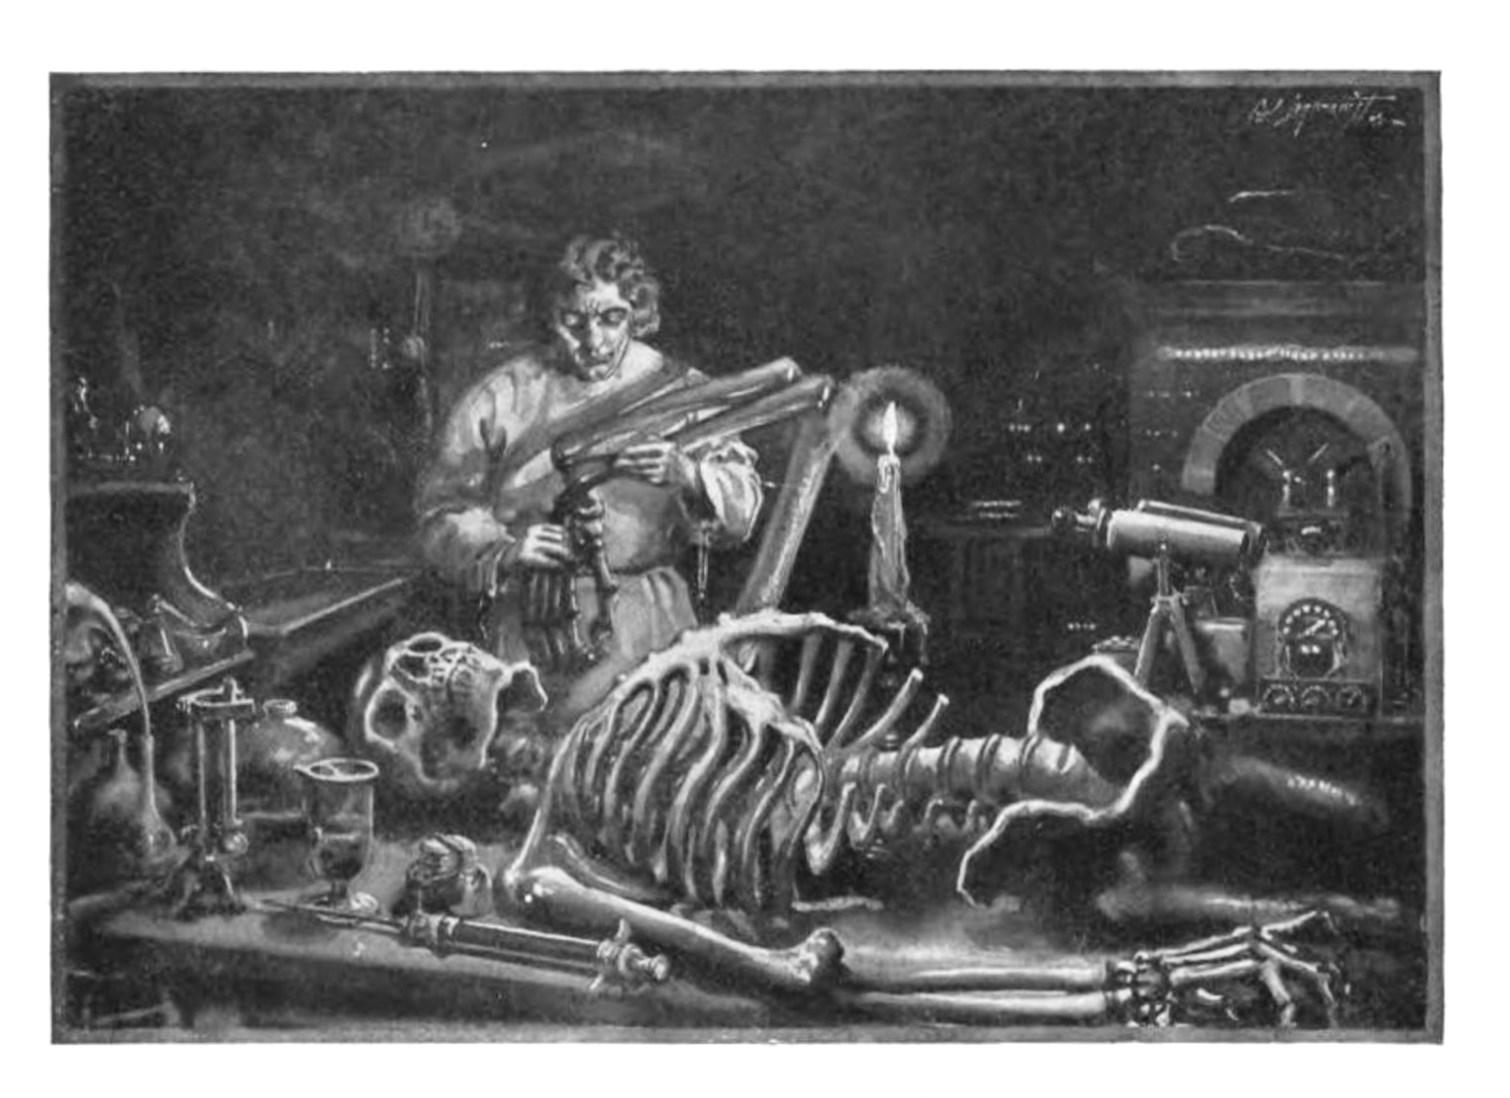 Mary Wollstonecraft Shelley's Frankenstein. Public Domain image.